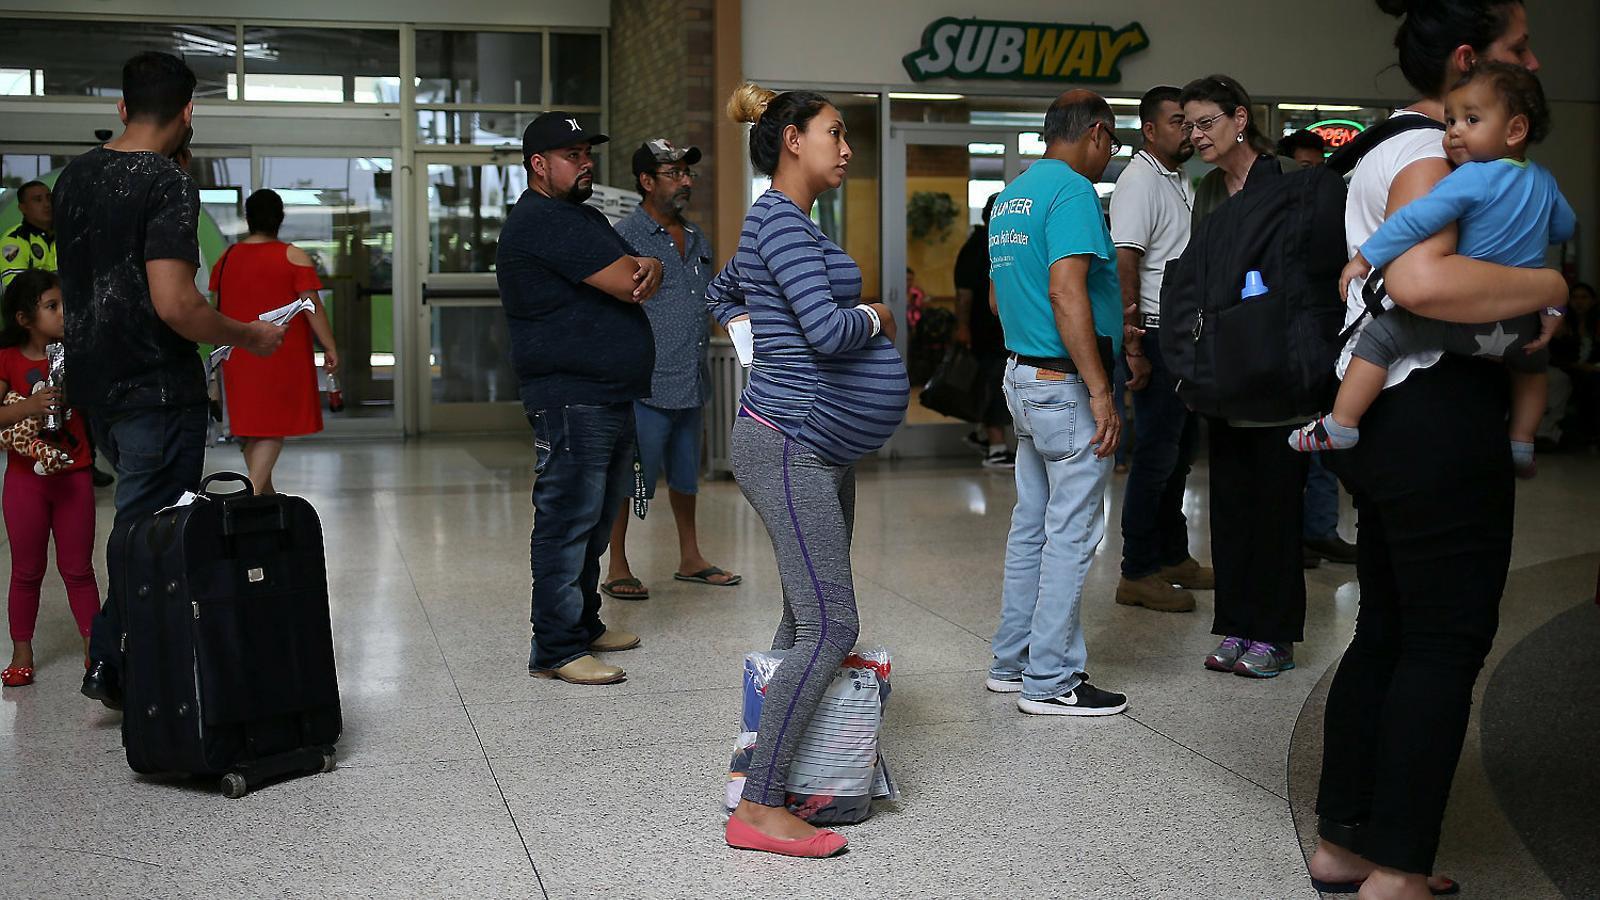 Una dona d'Hondures embarassada poc després de sortir d'un centre de detenció de migrants a Texas.